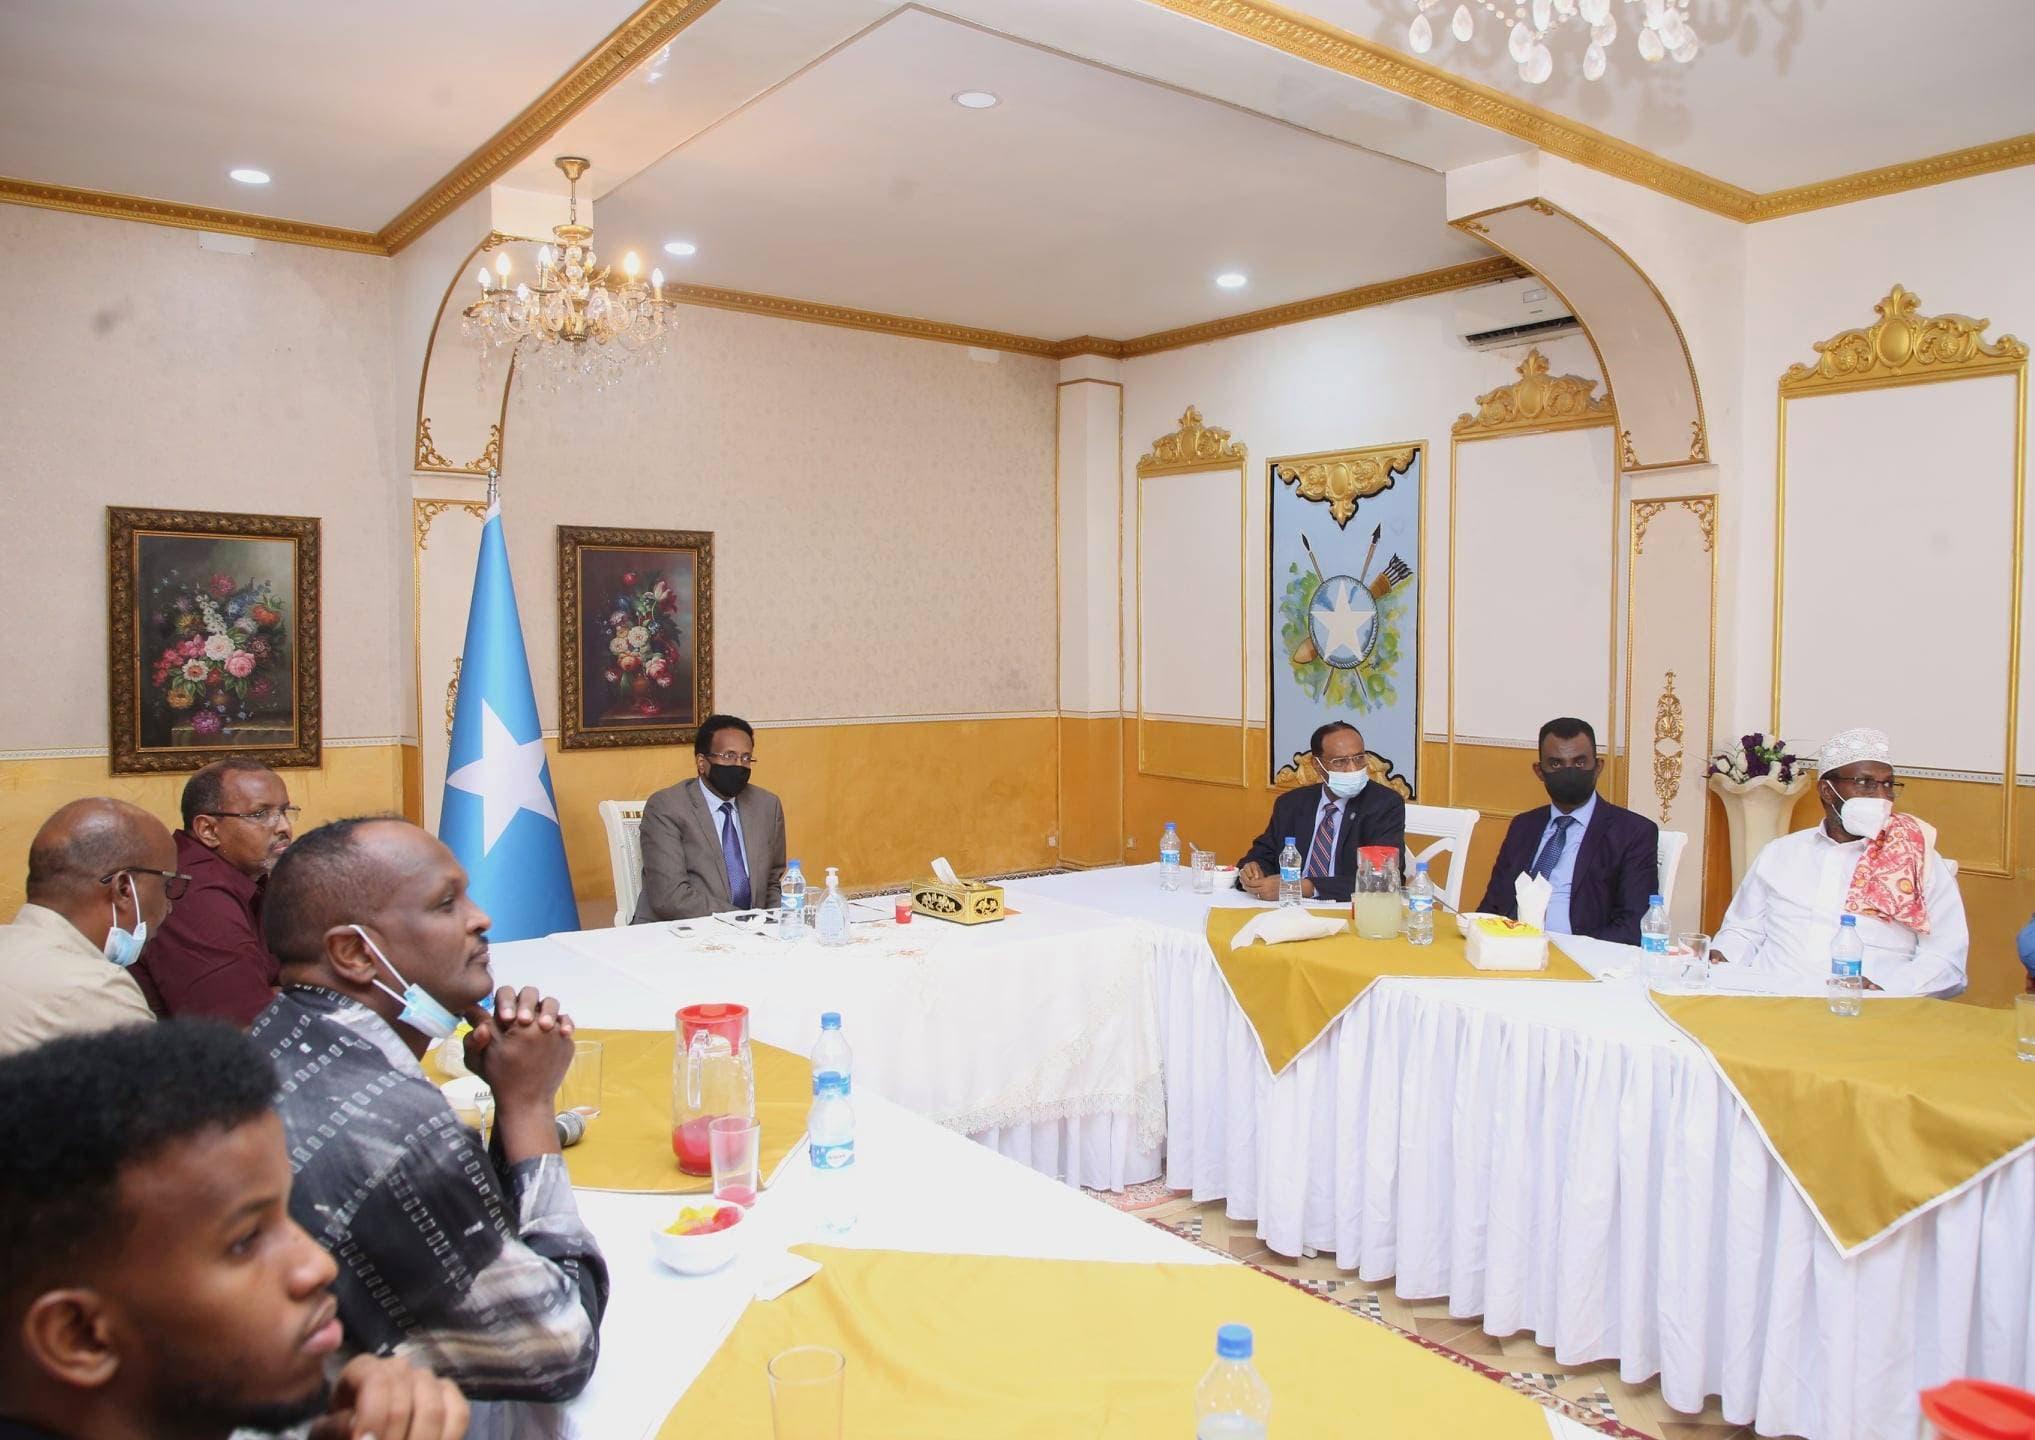 Sawirro: Muxuu Farmaajo kala hadlay ganacsatadii uu xalay kula shiray Villa Somalia?